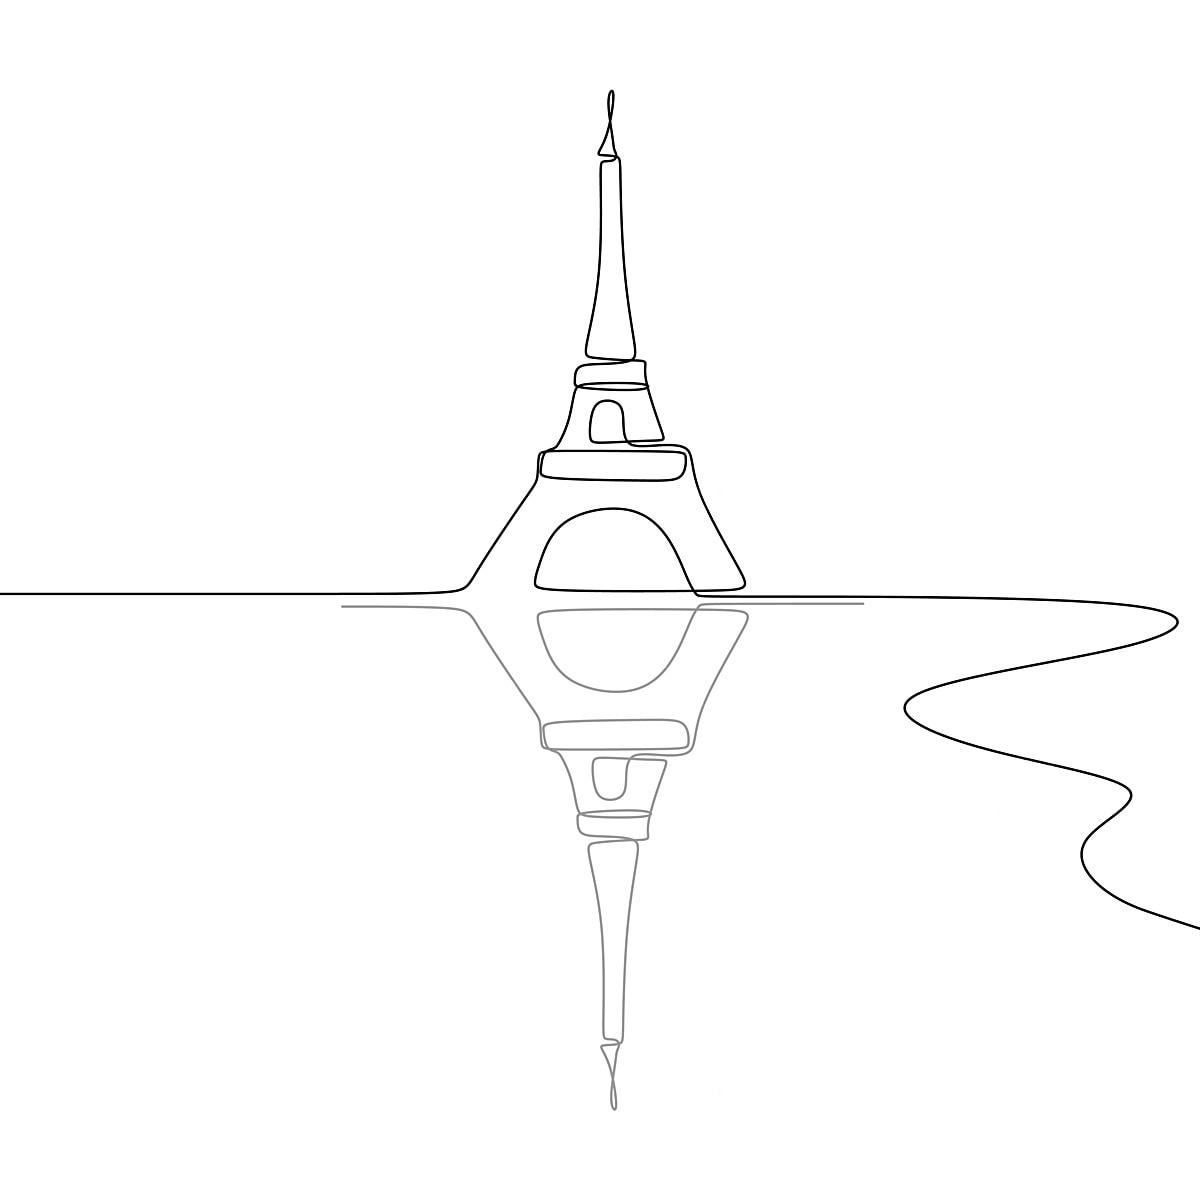 Gambar Menara Eiffel Hitam Dan Putih Tunggal Satu Garis Lukisan Vektor Ilustrasi Pembinaan Perancis Melukis Png Dan Vektor Untuk Muat Turun Percuma